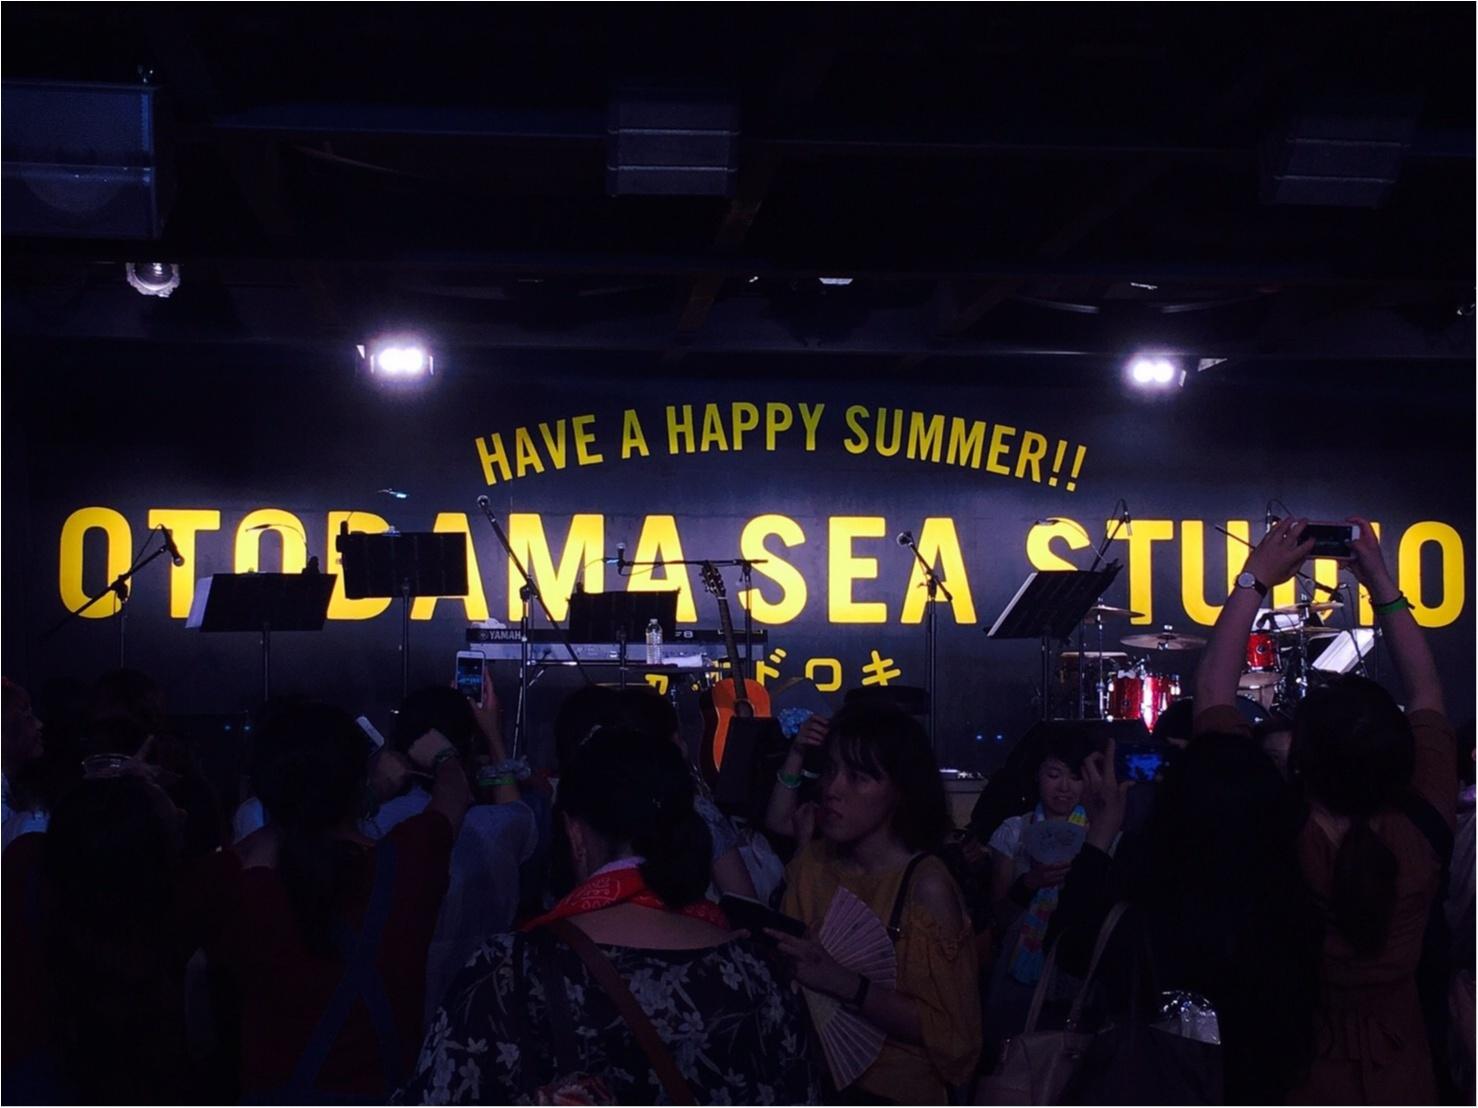 【三浦海岸編】LIVE!パネル!双子コーデ!夏にぴったり フォトジェニックなスポット!_2